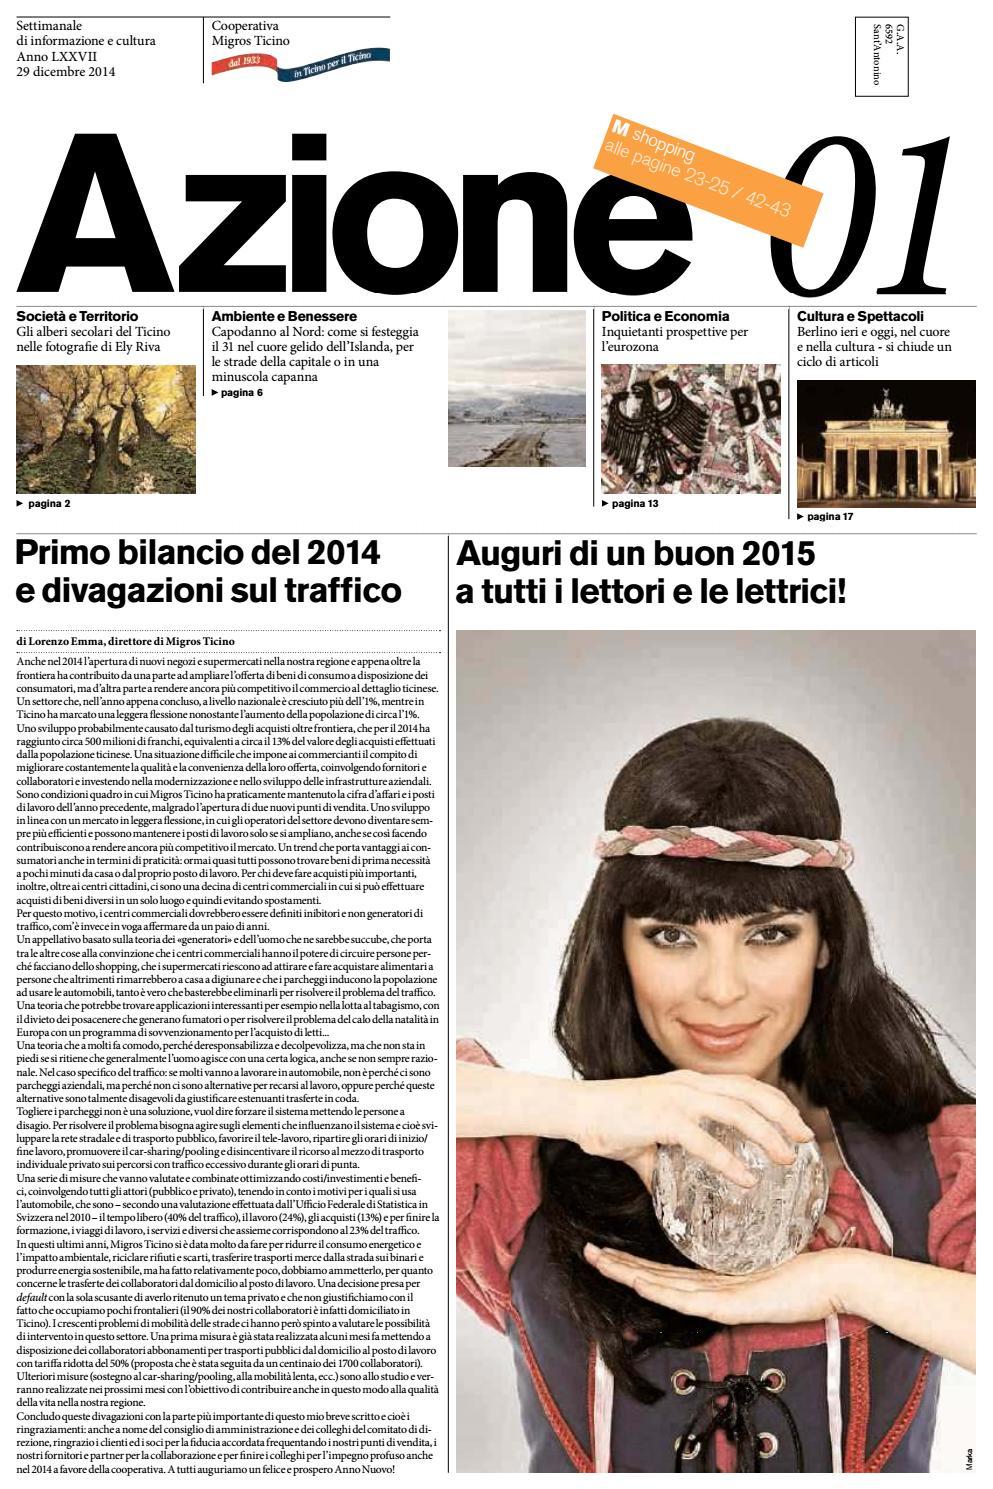 Azione 01 del 29 dicembre 2014 by Azione, Settimanale di Migros Ticino -  issuu f39eb2db00